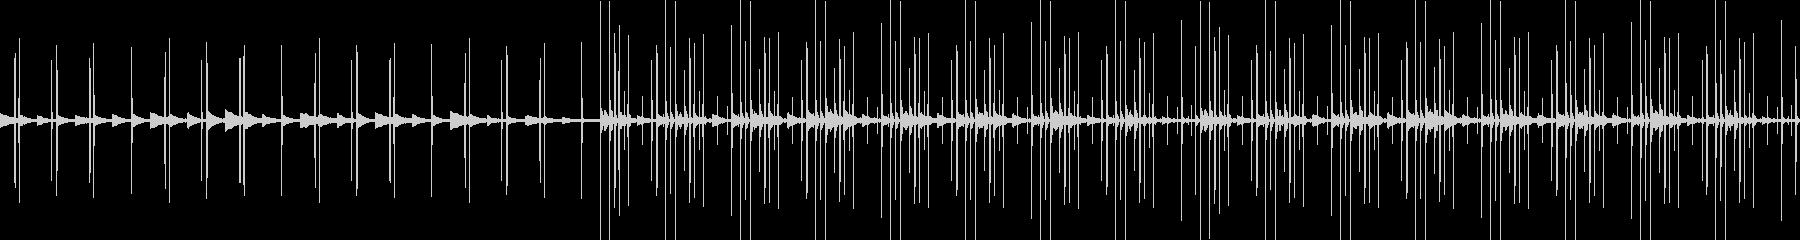 ピアノとエレクトロニカの淡々としたBGMの未再生の波形